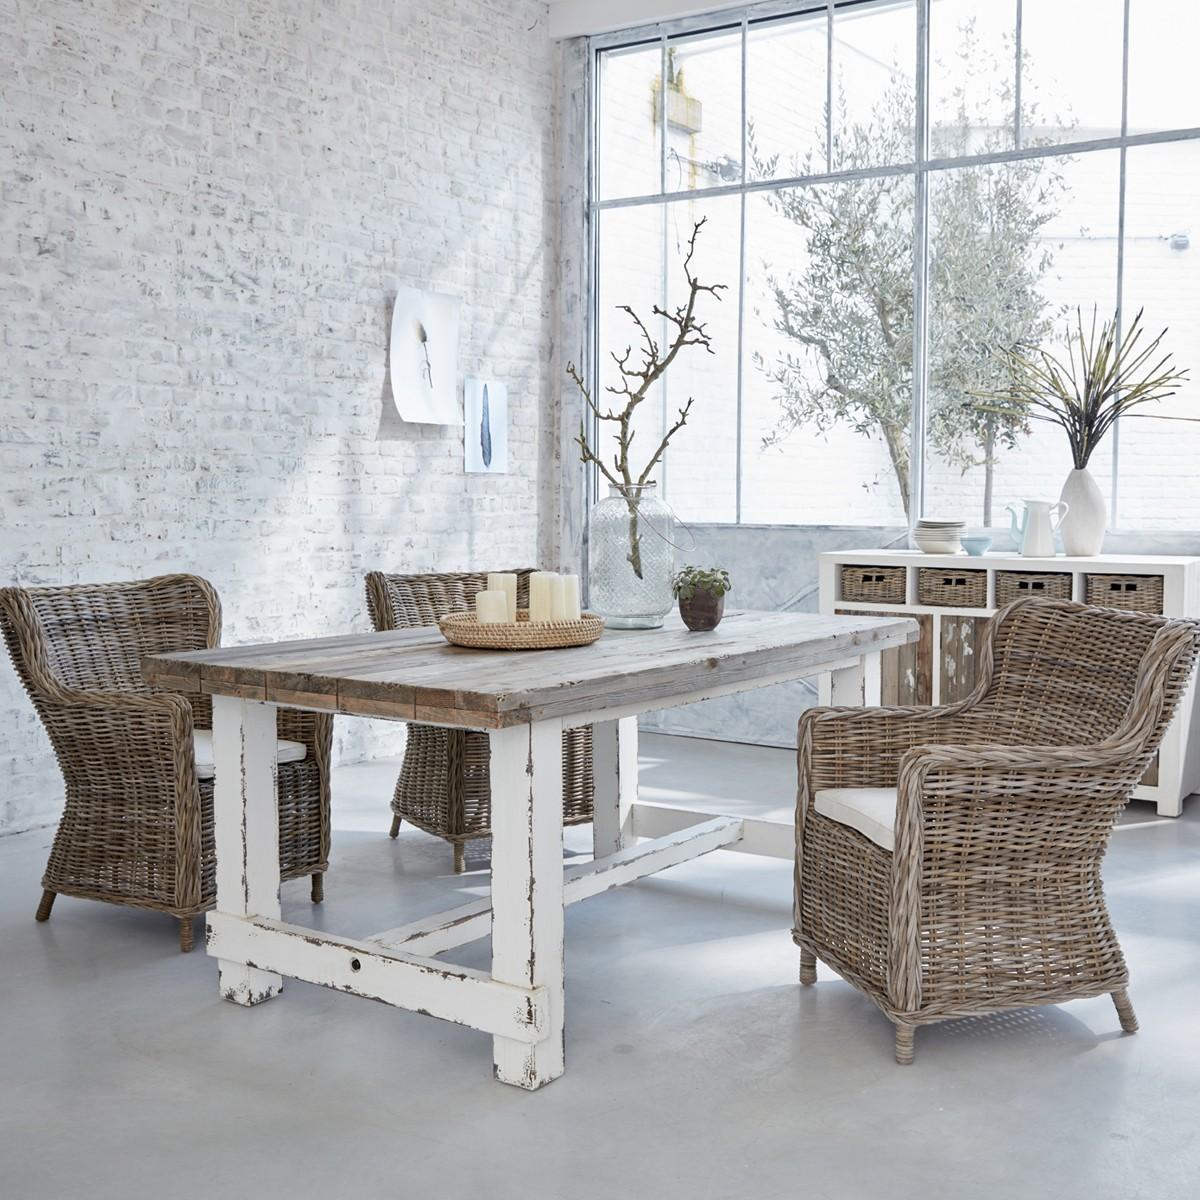 table en bois de pin recycl rectangulaire 180 atlantic bois dessus bois dessous. Black Bedroom Furniture Sets. Home Design Ideas